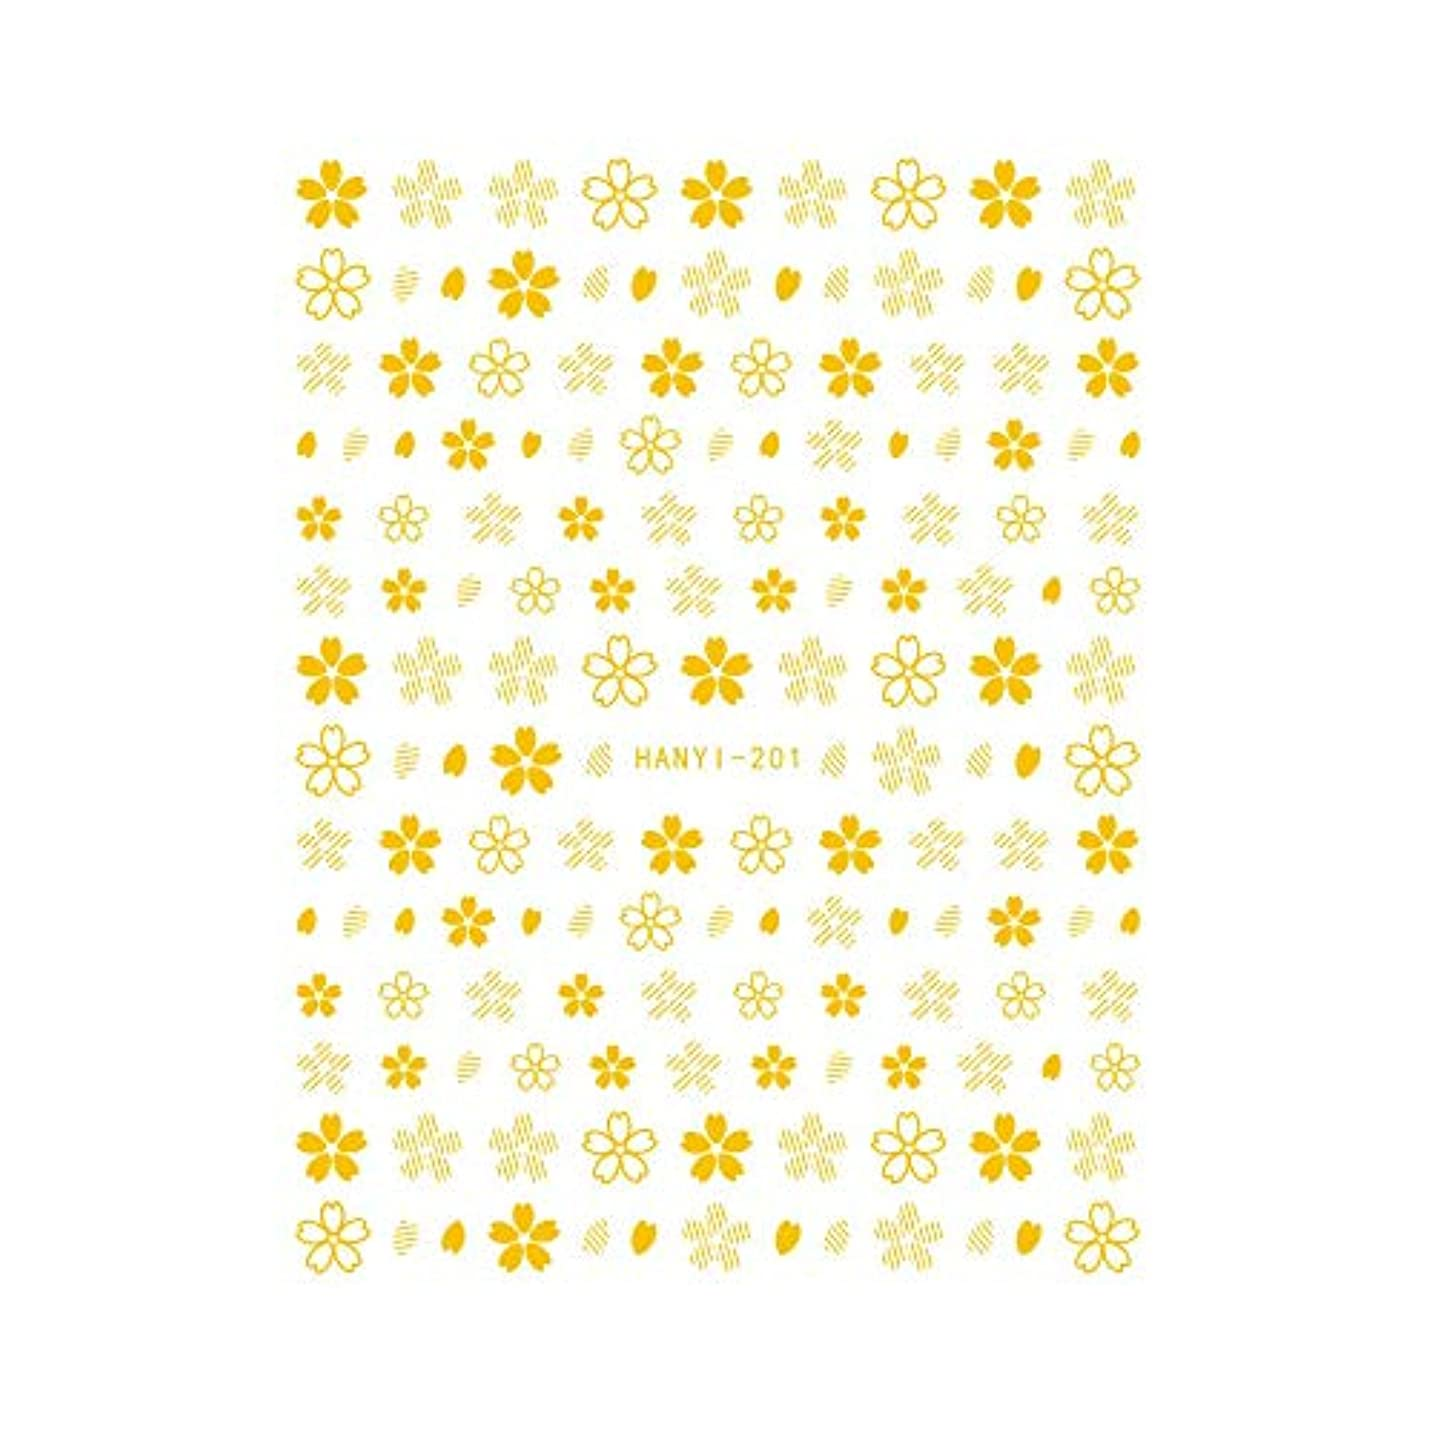 血色の良い課税ペットirogel イロジェル ネイルシール 金桜シール【HANYI-201】ゴールド